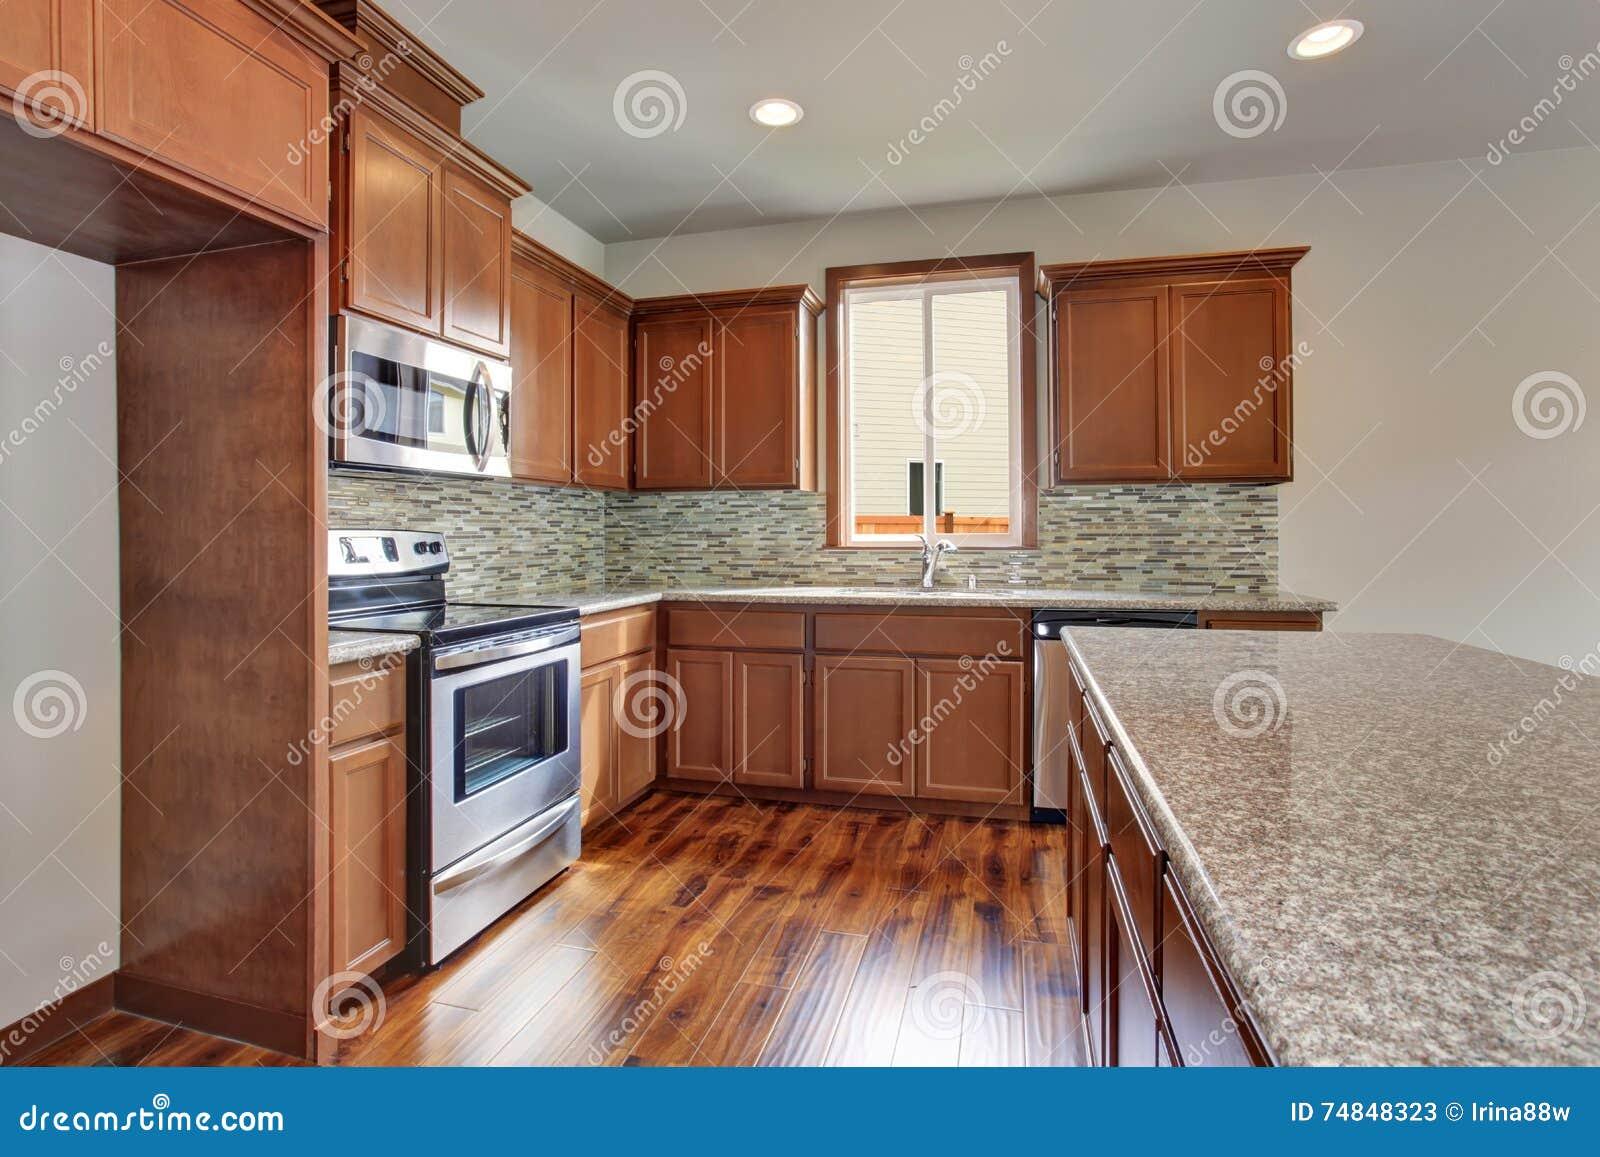 Sitio Moderno De La Cocina Con Los Gabinetes Las Encimeras Del